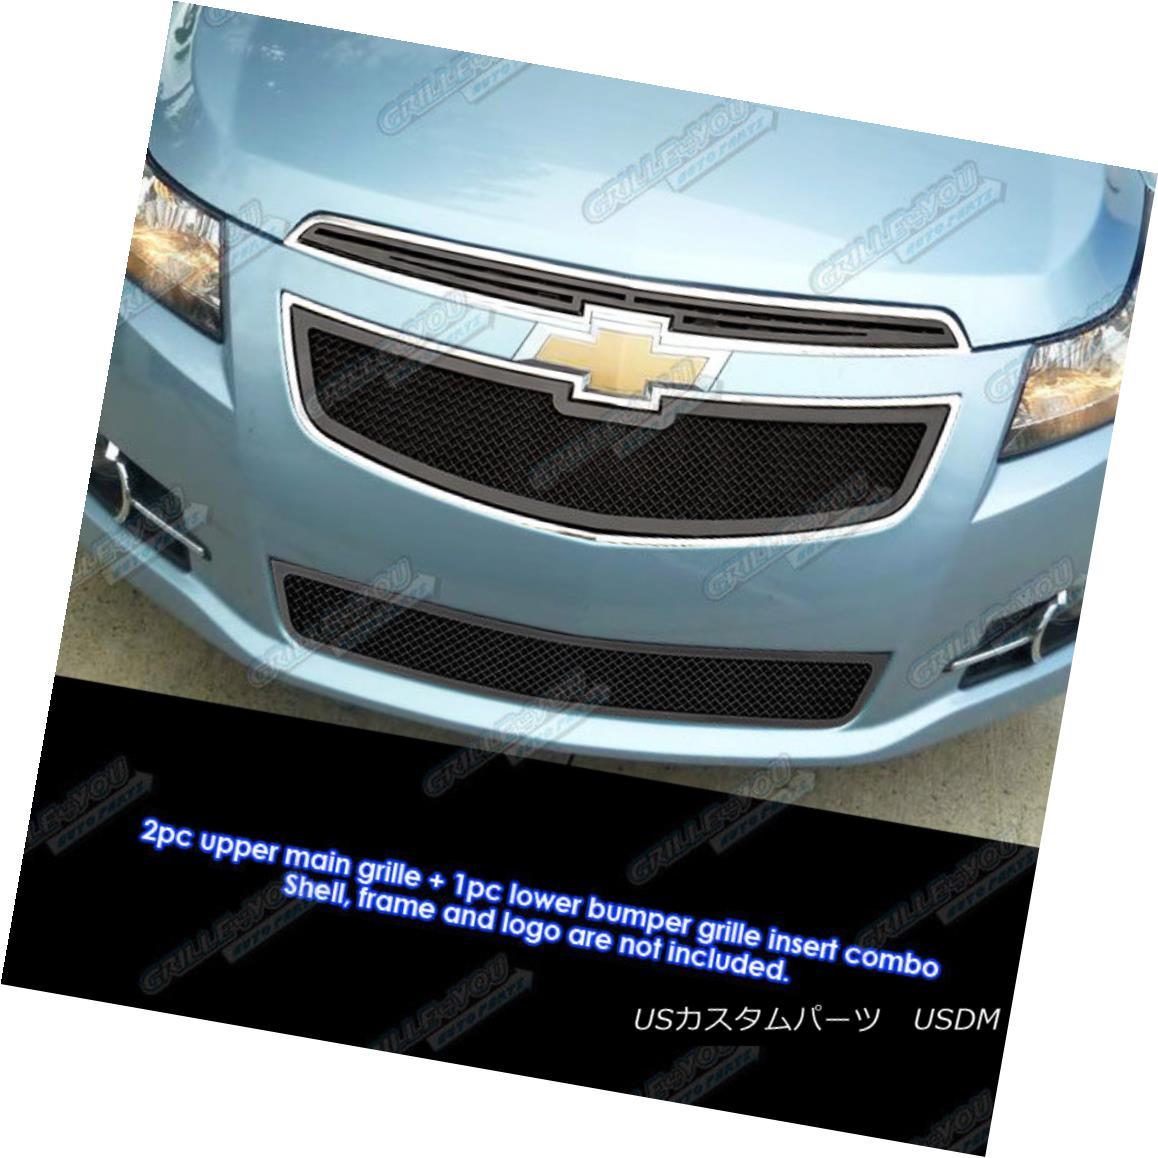 グリル Combo: Fits 11-2013 Chevy Cruze LT/LTZ RS package & Turbo Black Stainless Grill コンボ:11-2013 Chevy Cruze LT / LTZ RSパッケージ& ターボブラックステンレスグリル